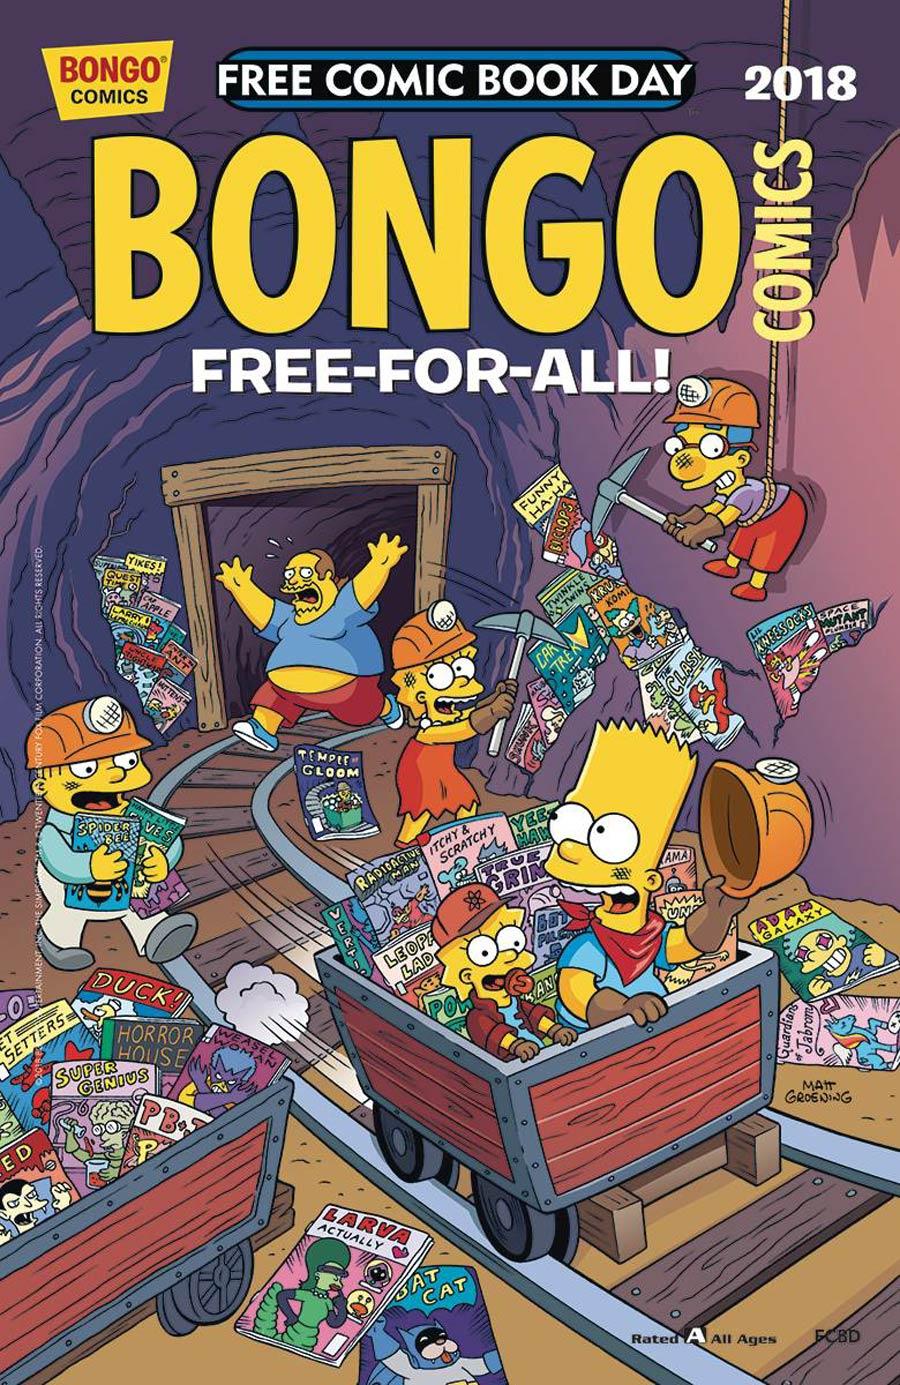 Bongo Comics Free-For-All FCBD 2018